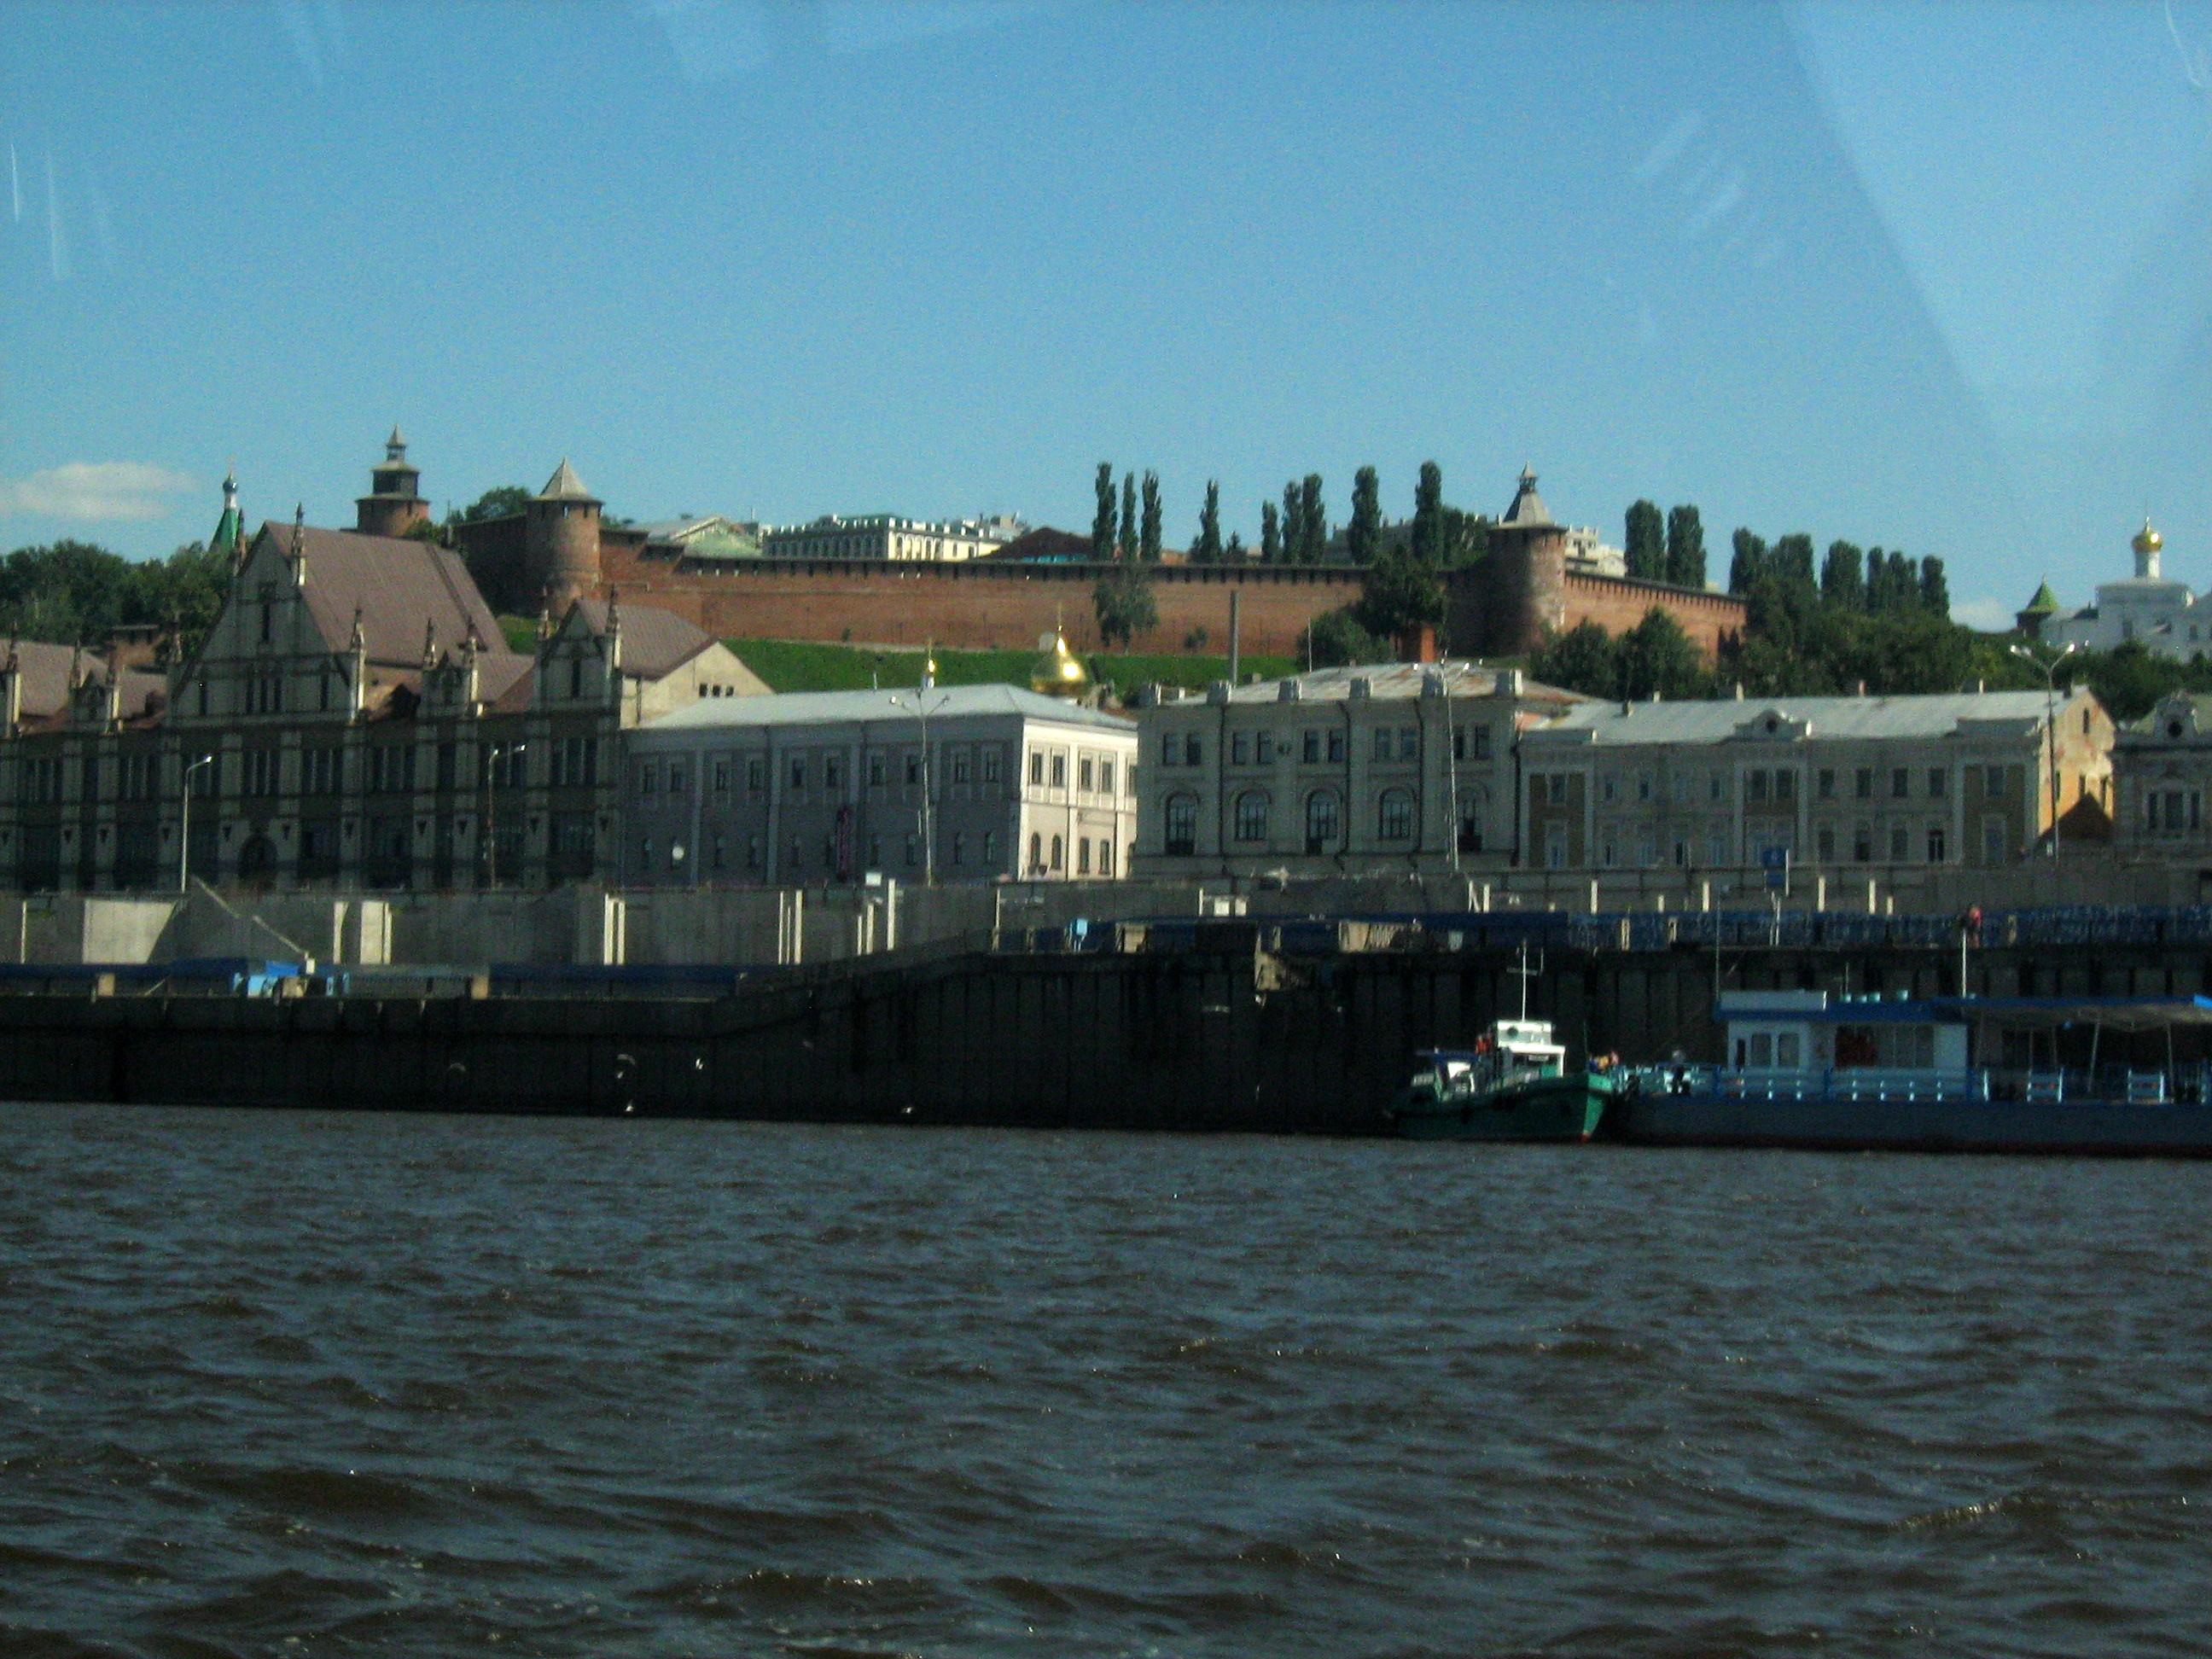 Кремль, Нижневолжская набережная и торговый дом Рукавишниковых